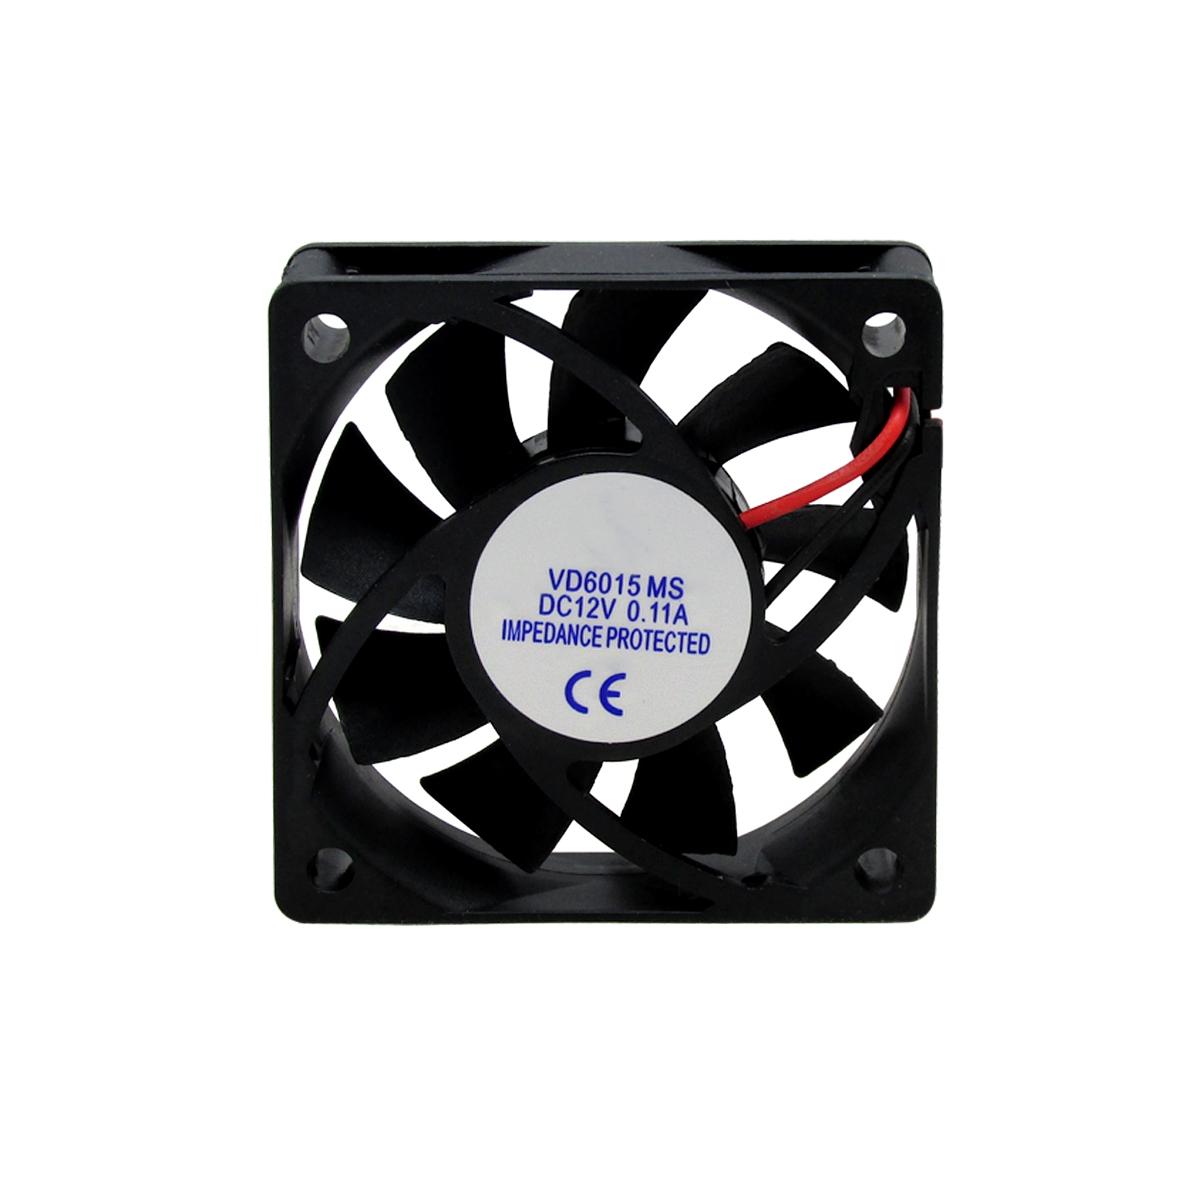 10pcs Ventilador Cooler Ventuinha Gc 60x60x15mm 12v Nova